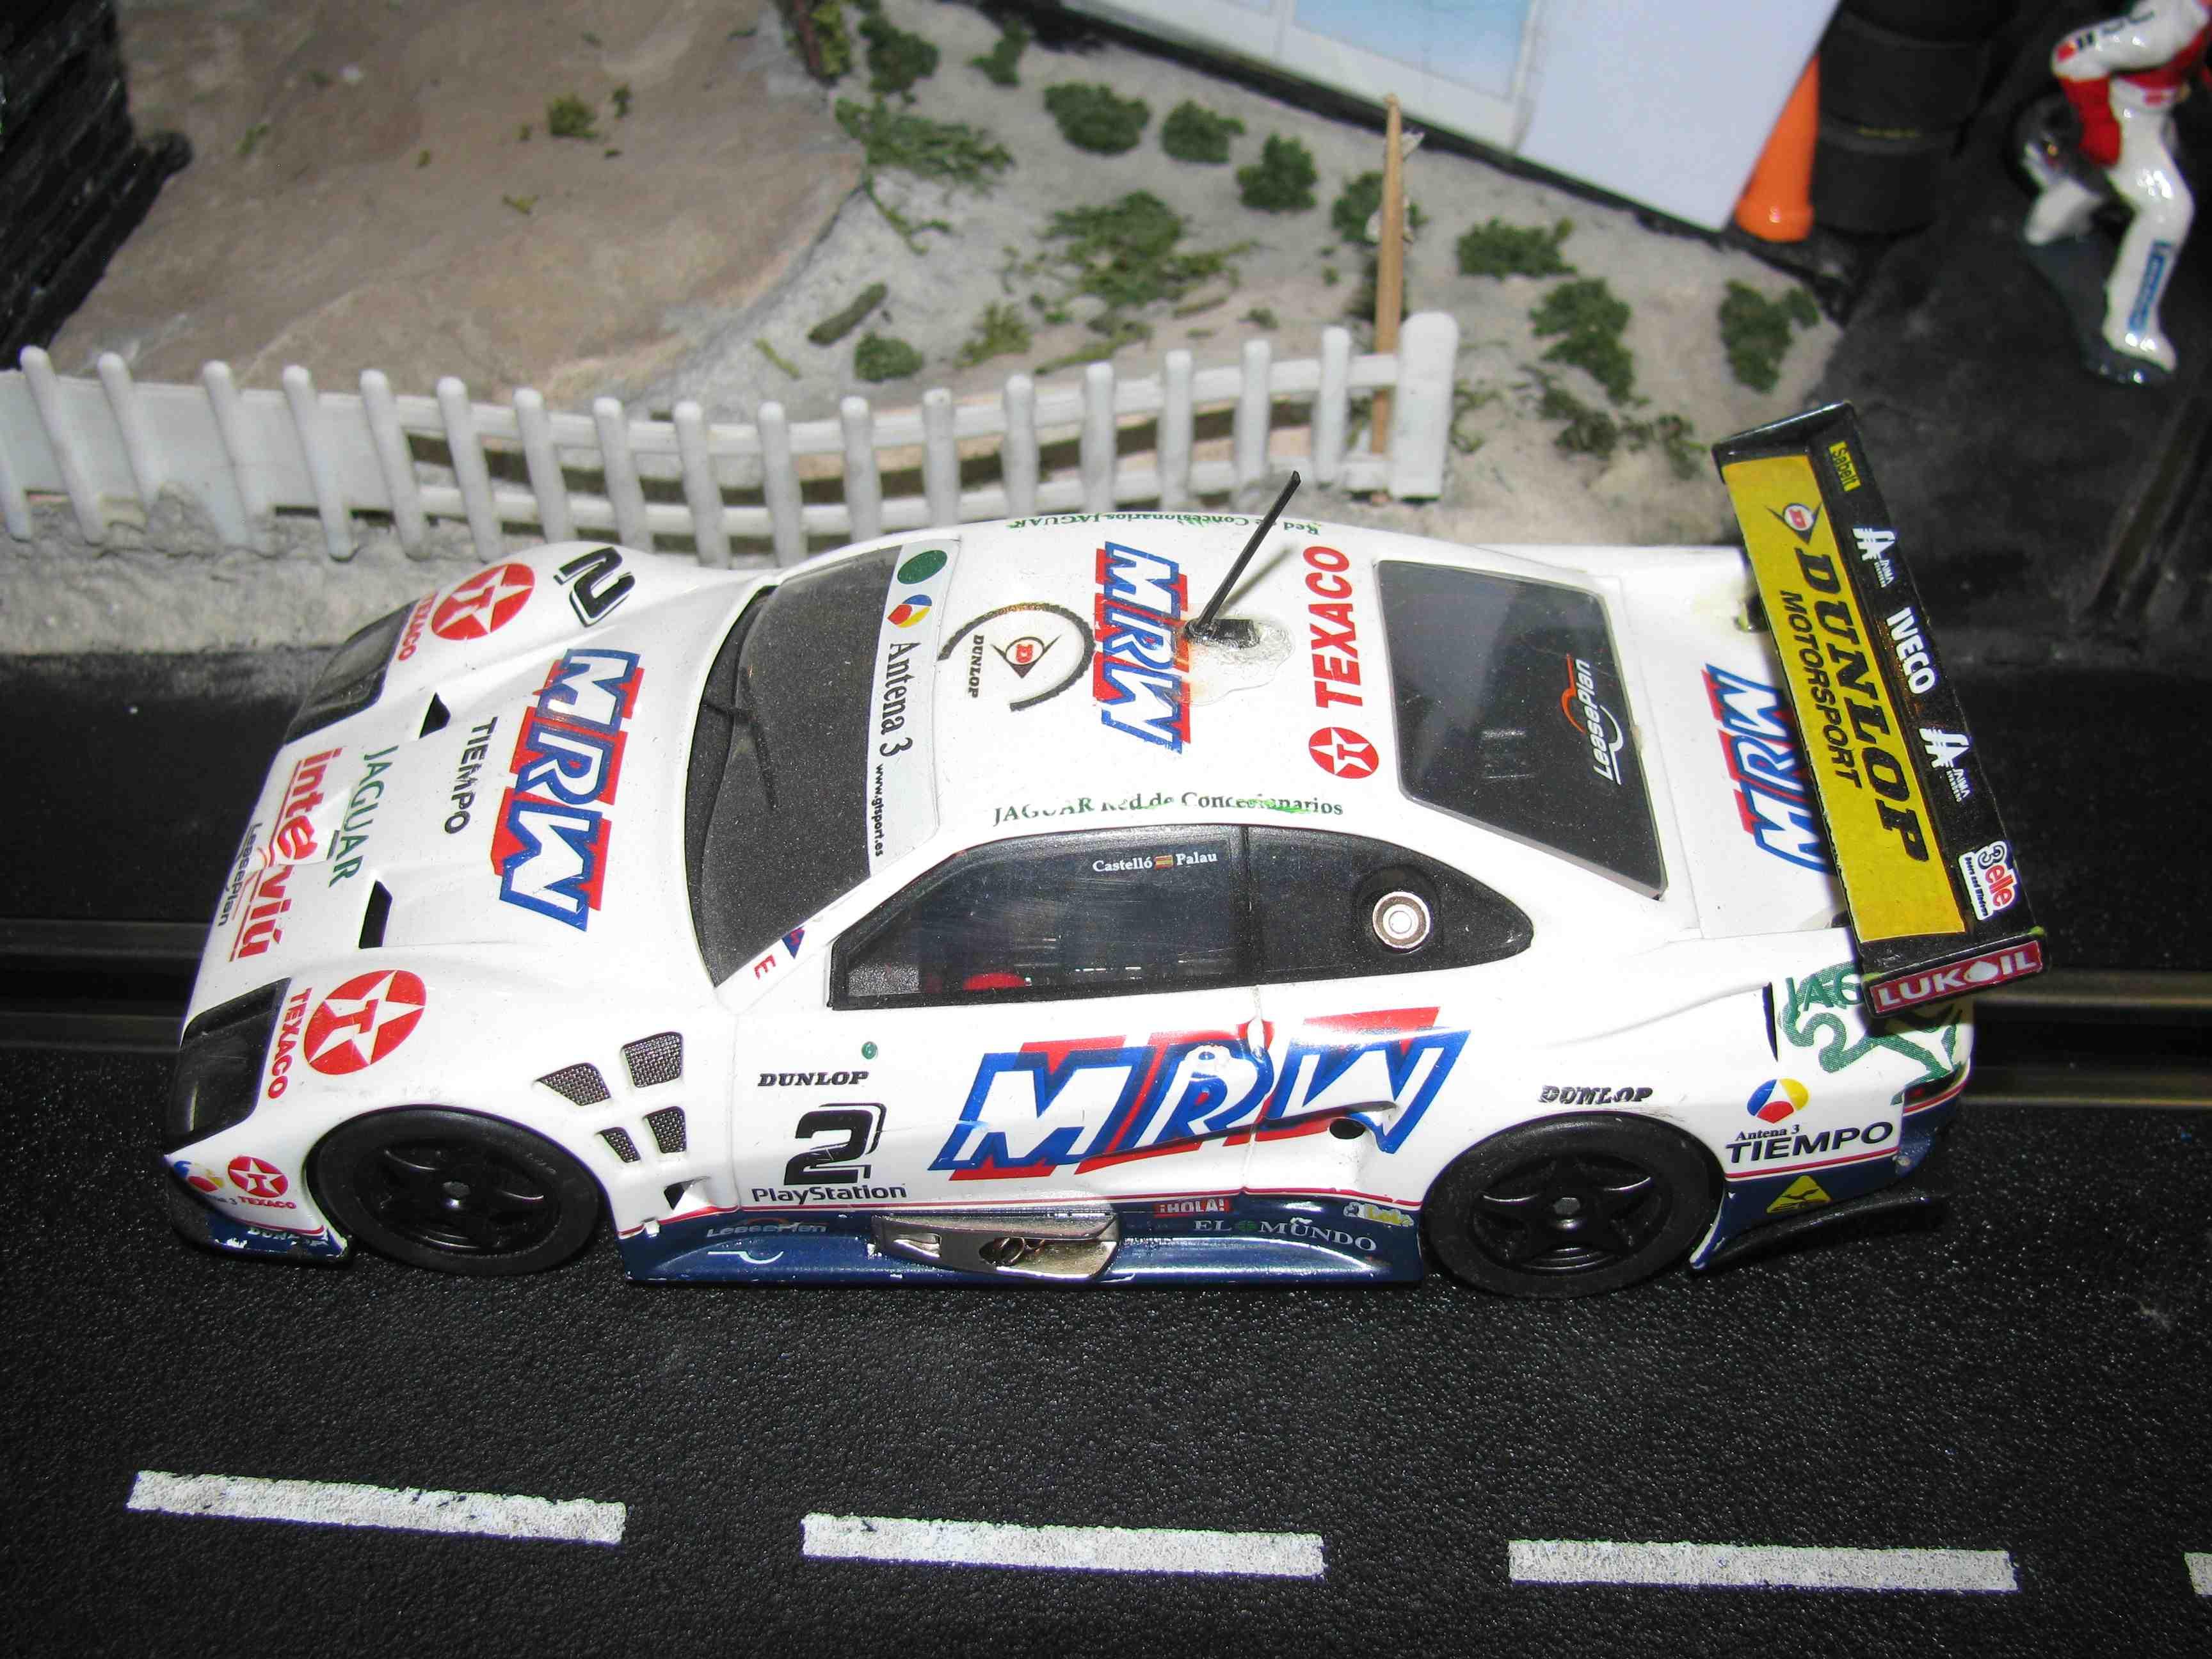 FLY Lister Storm - Campeonato de Espana GT 2000 - A108 - 1/32 Scale Slot Car